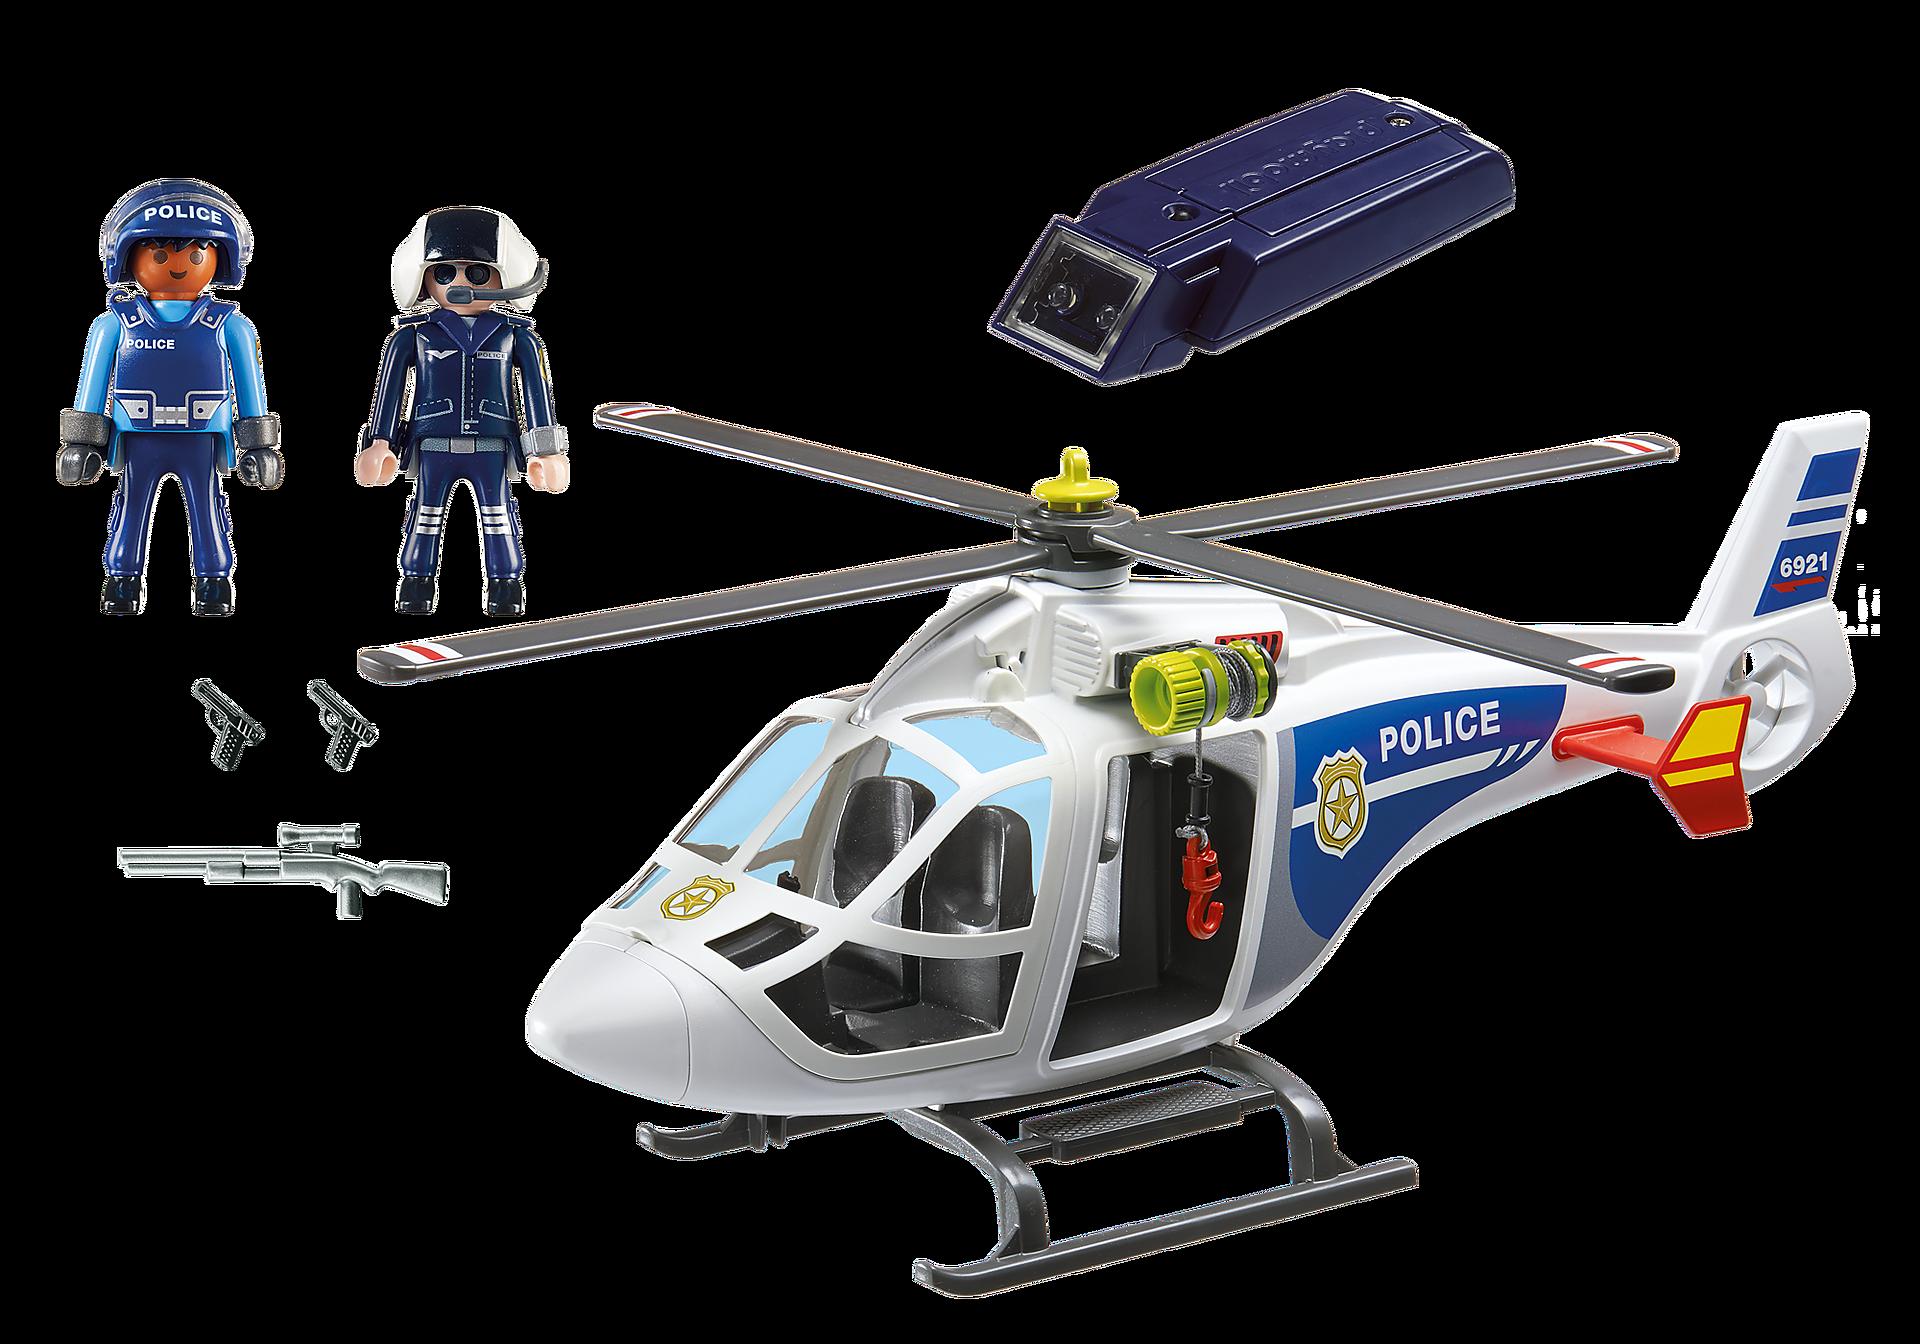 6921 Politiehelikopter met LED-zoeklicht zoom image4